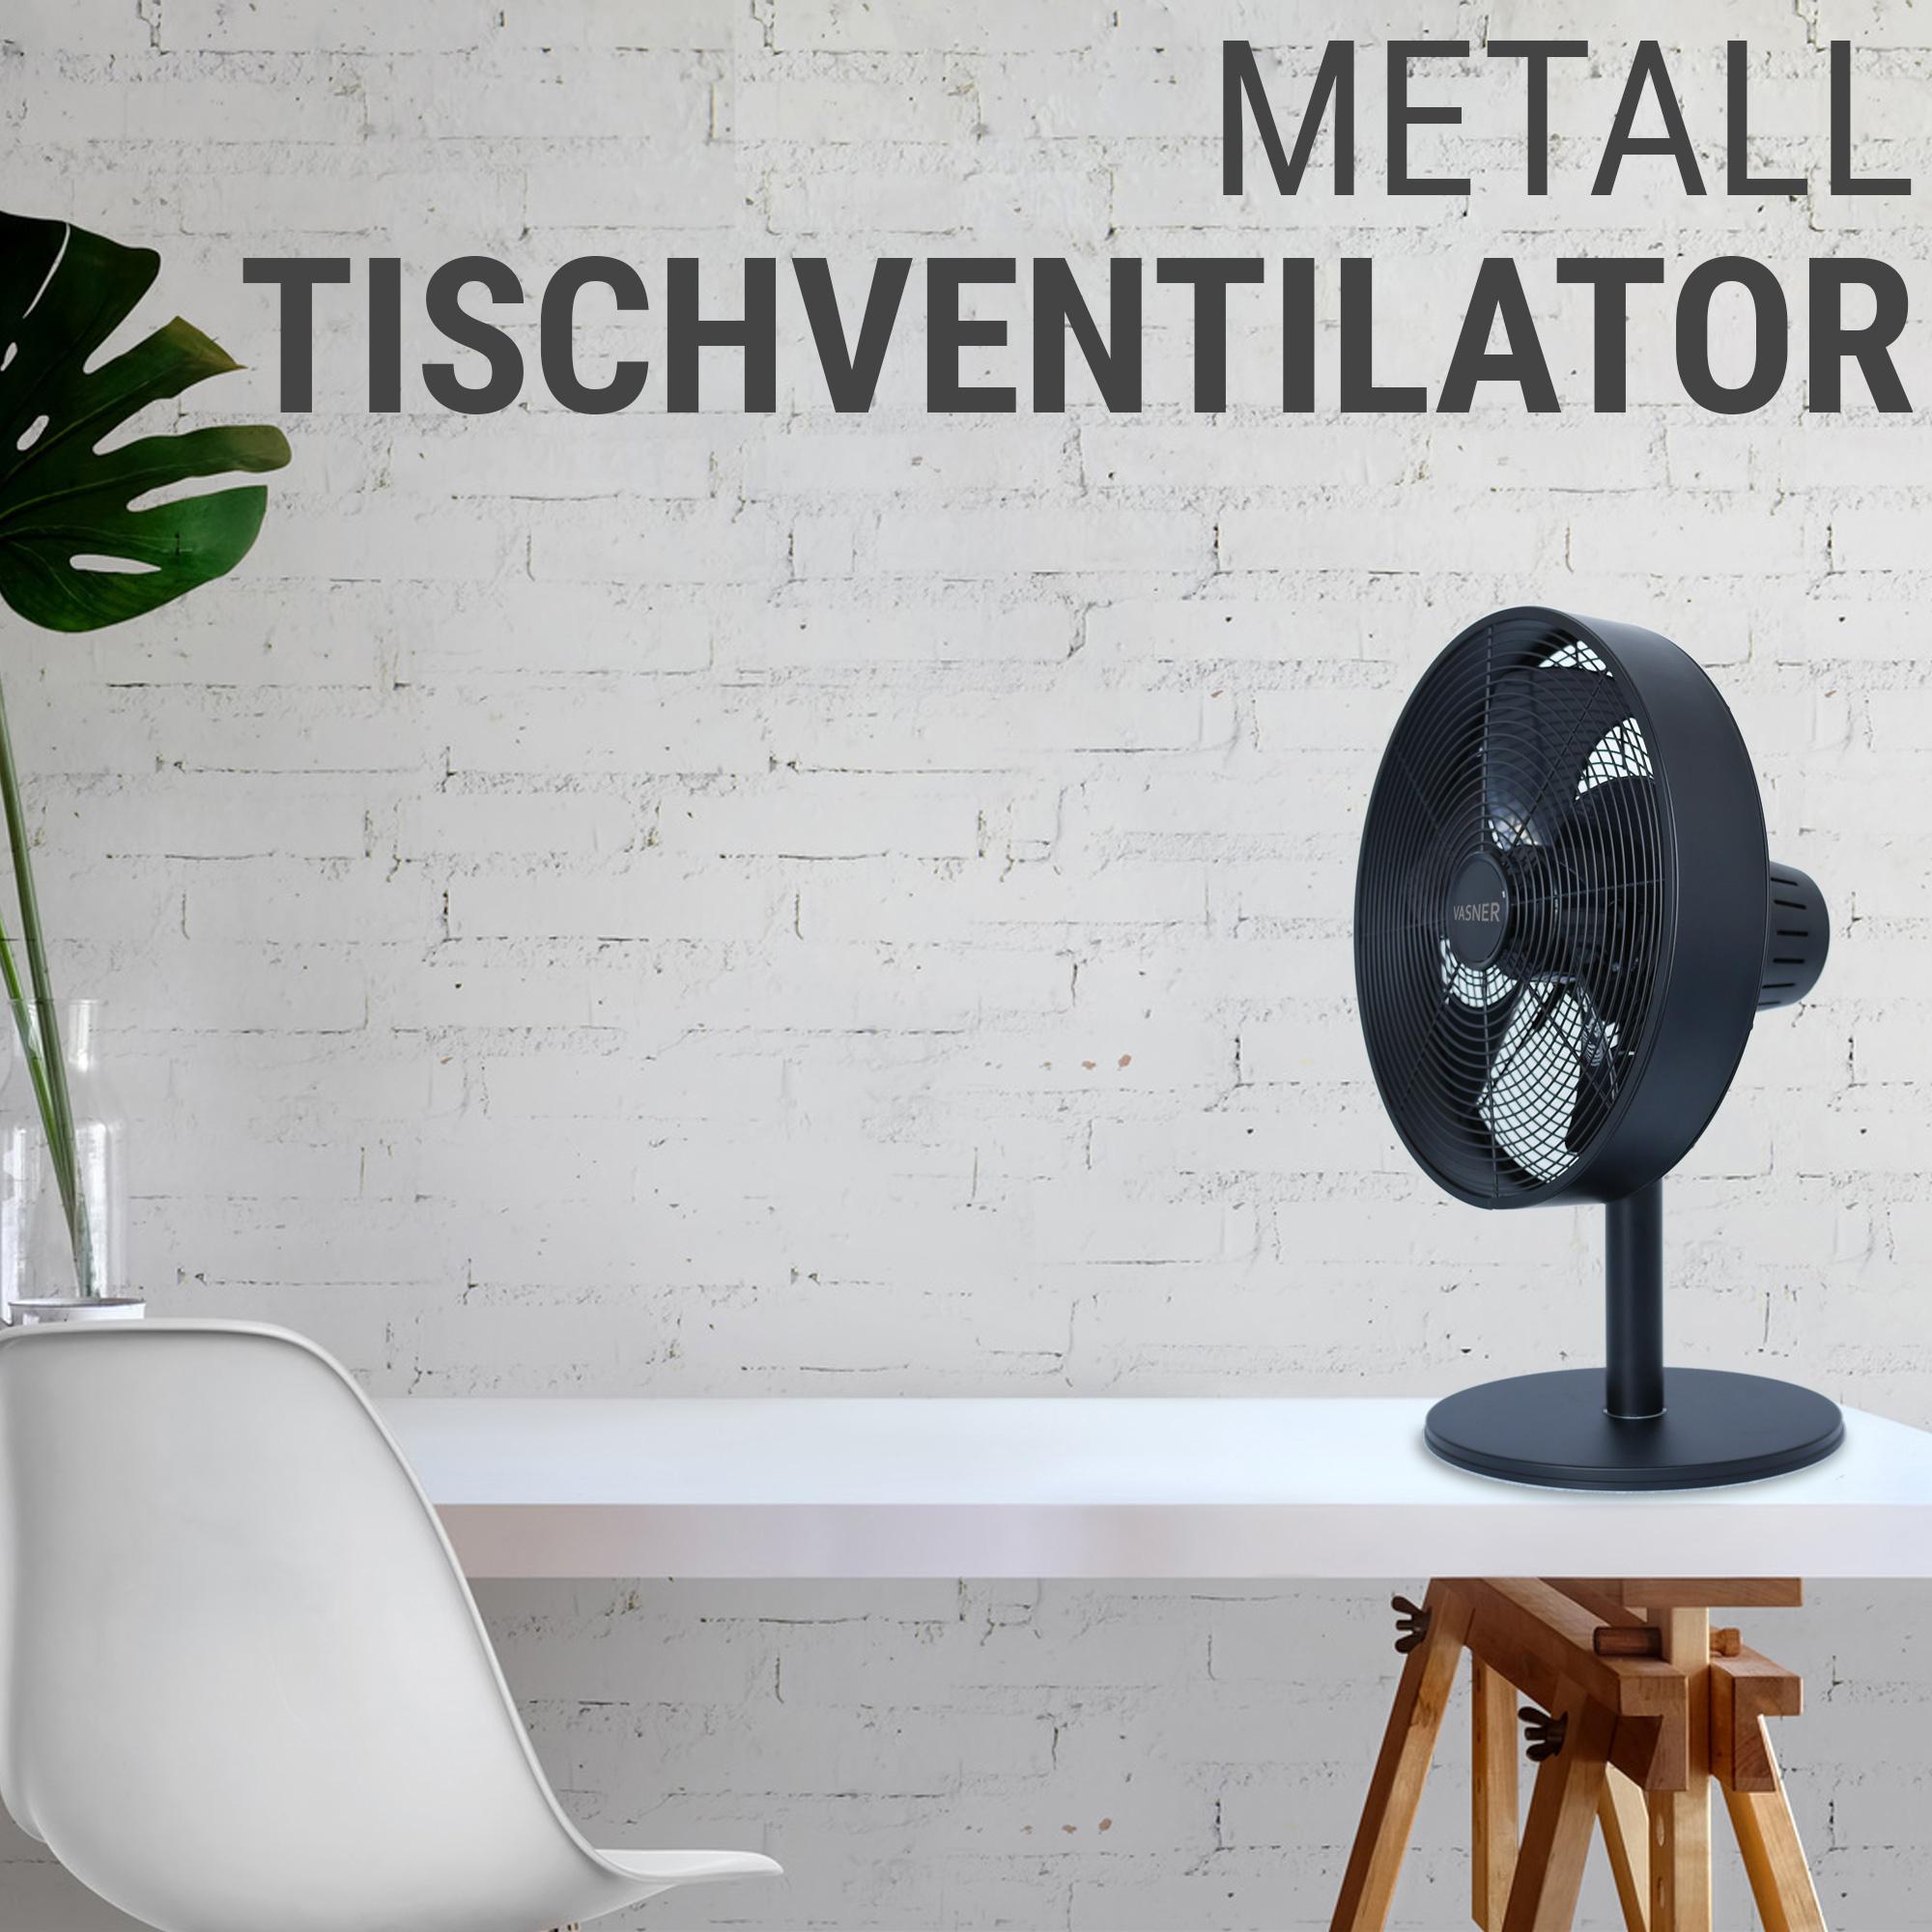 Tischventilator Metall Design schwarz-pulverbeschichtet